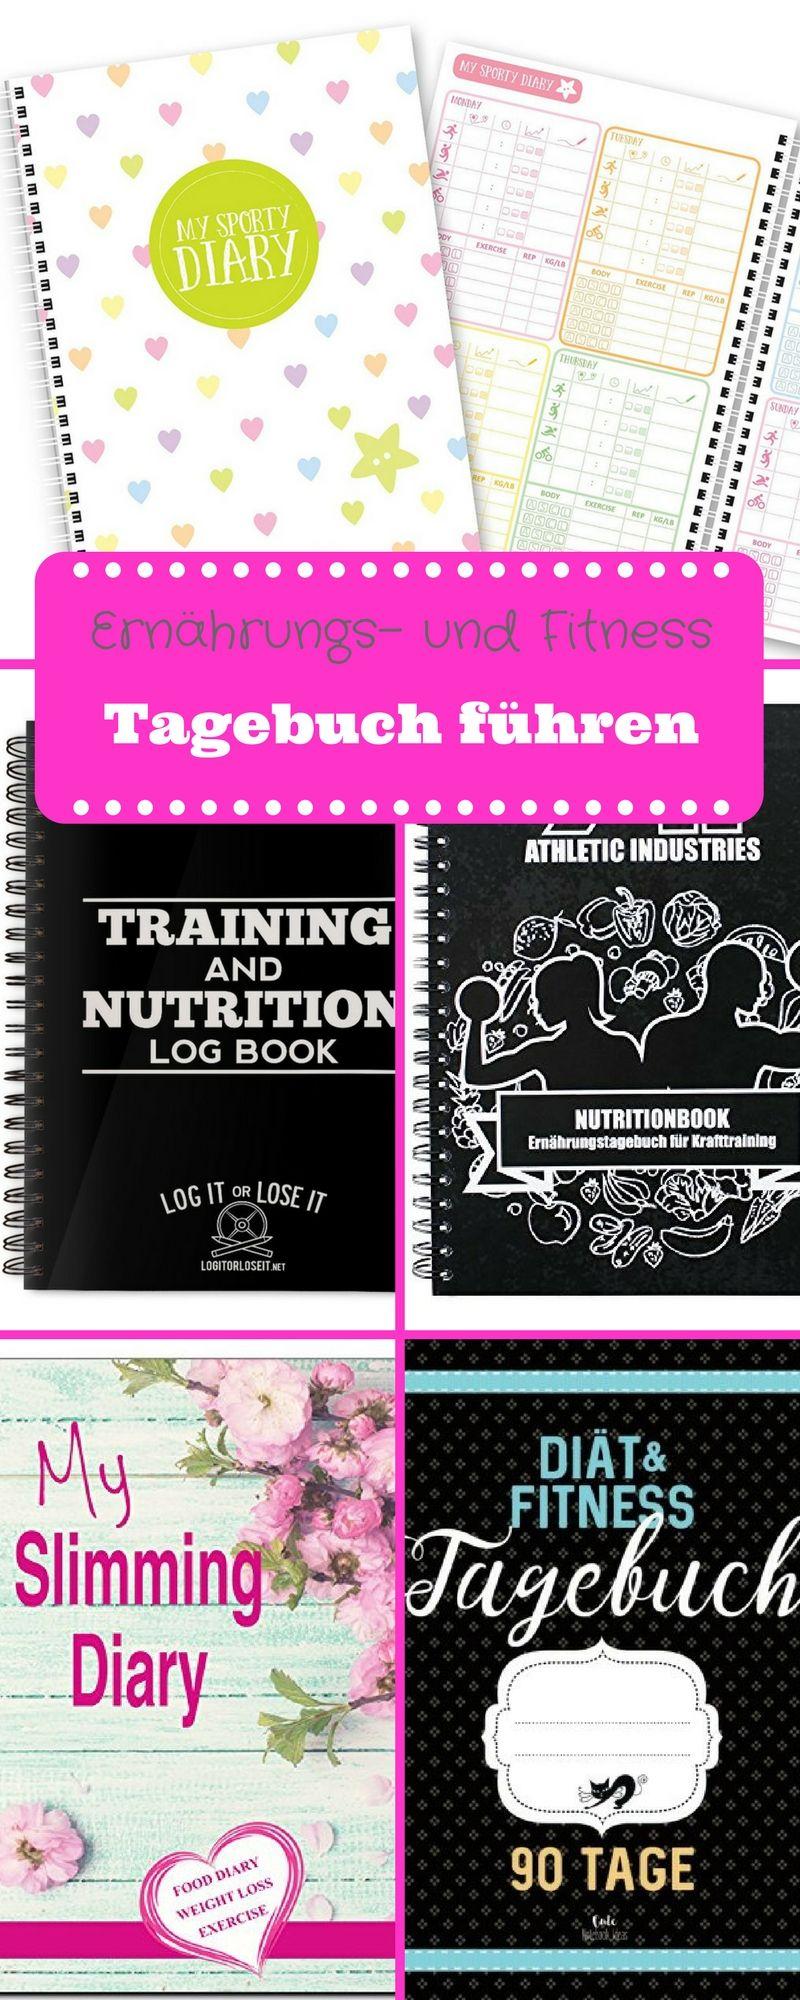 Ernahrungs Und Fitness Tagebuch Fuhren Fitness 2 0 Fitness